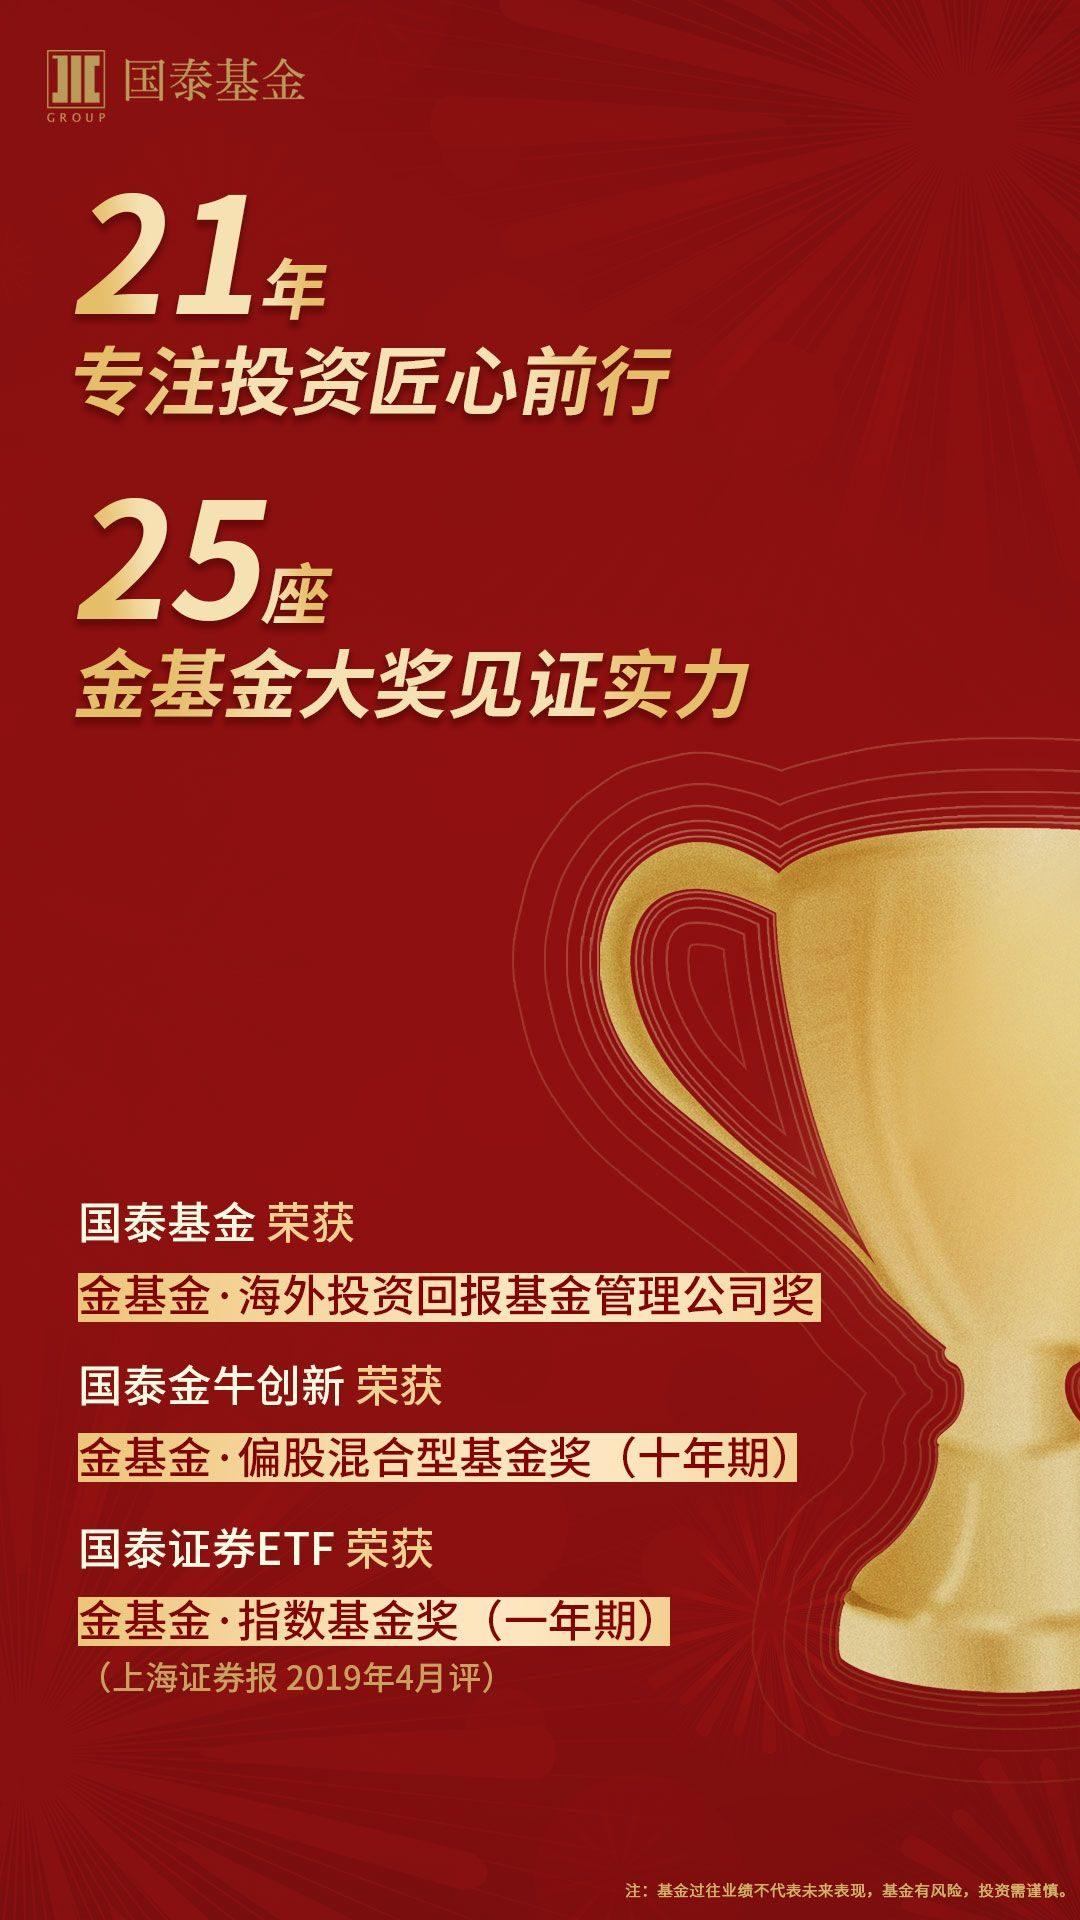 21年专注投资匠心前行,25座金基金大奖见证实力